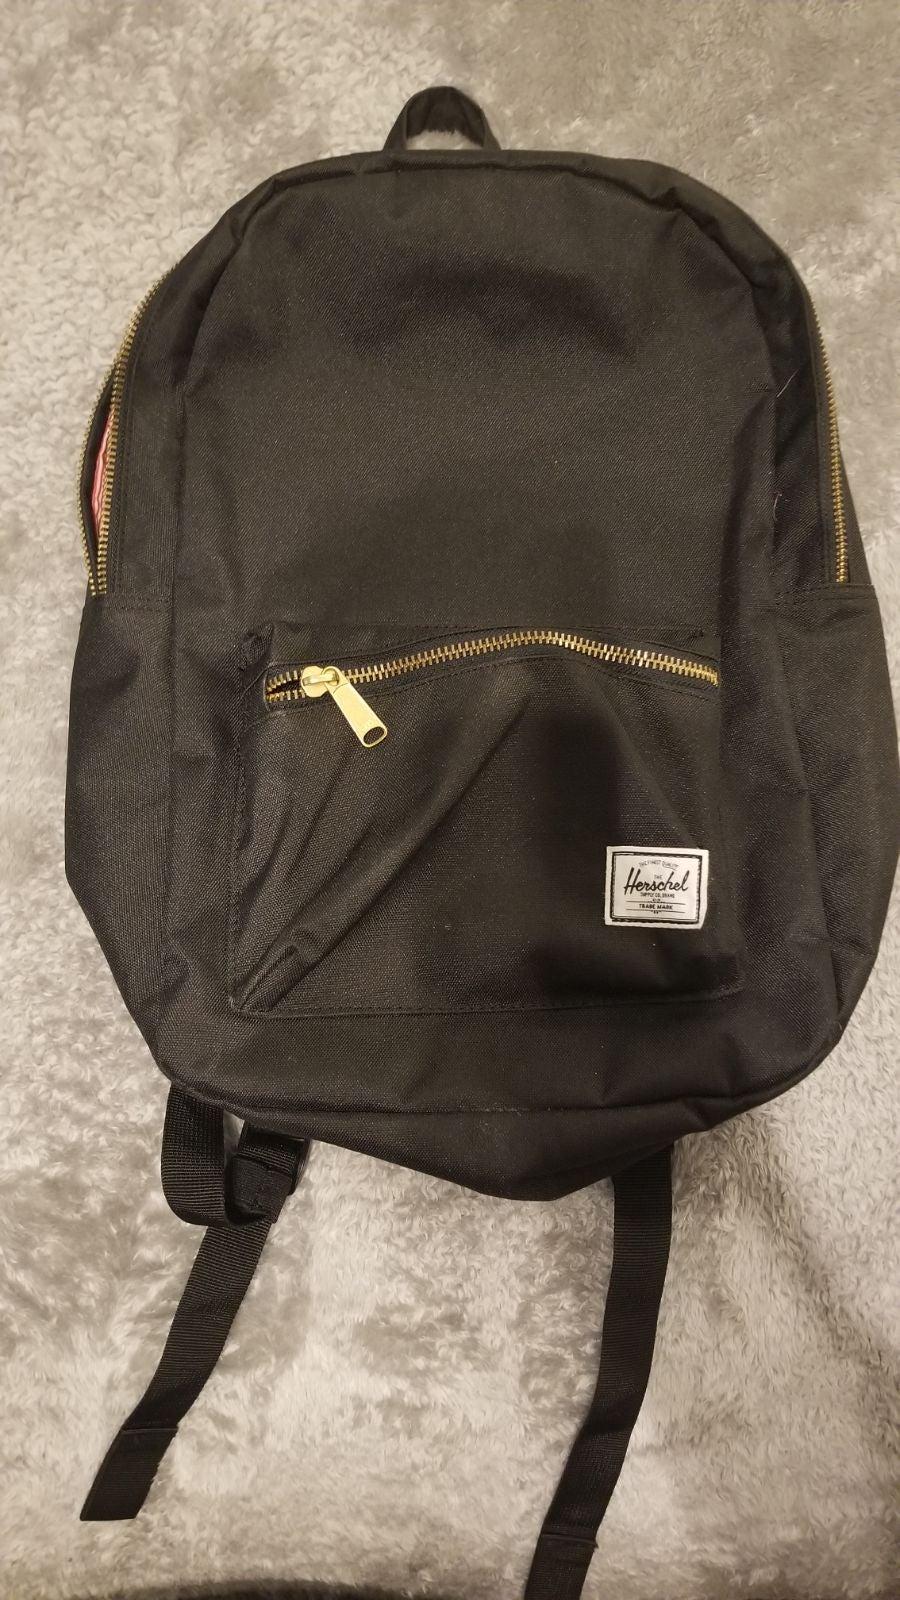 Herschel backpack *Black*